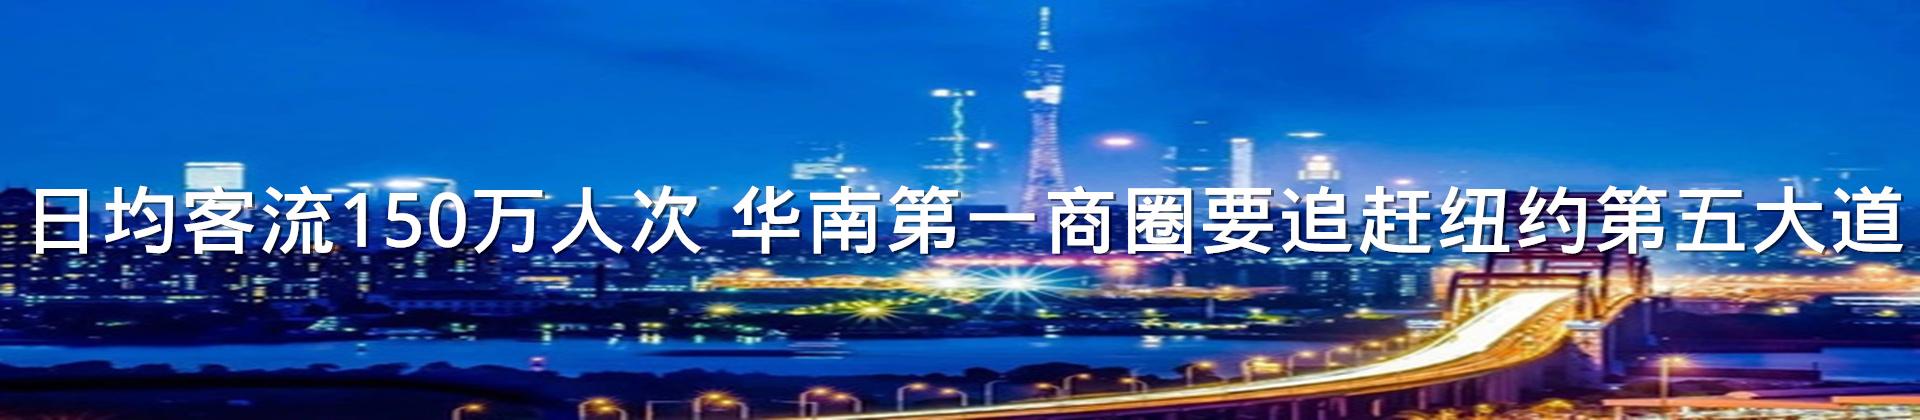 日均客流150万人次 华南第一商圈要追赶纽约第五大道